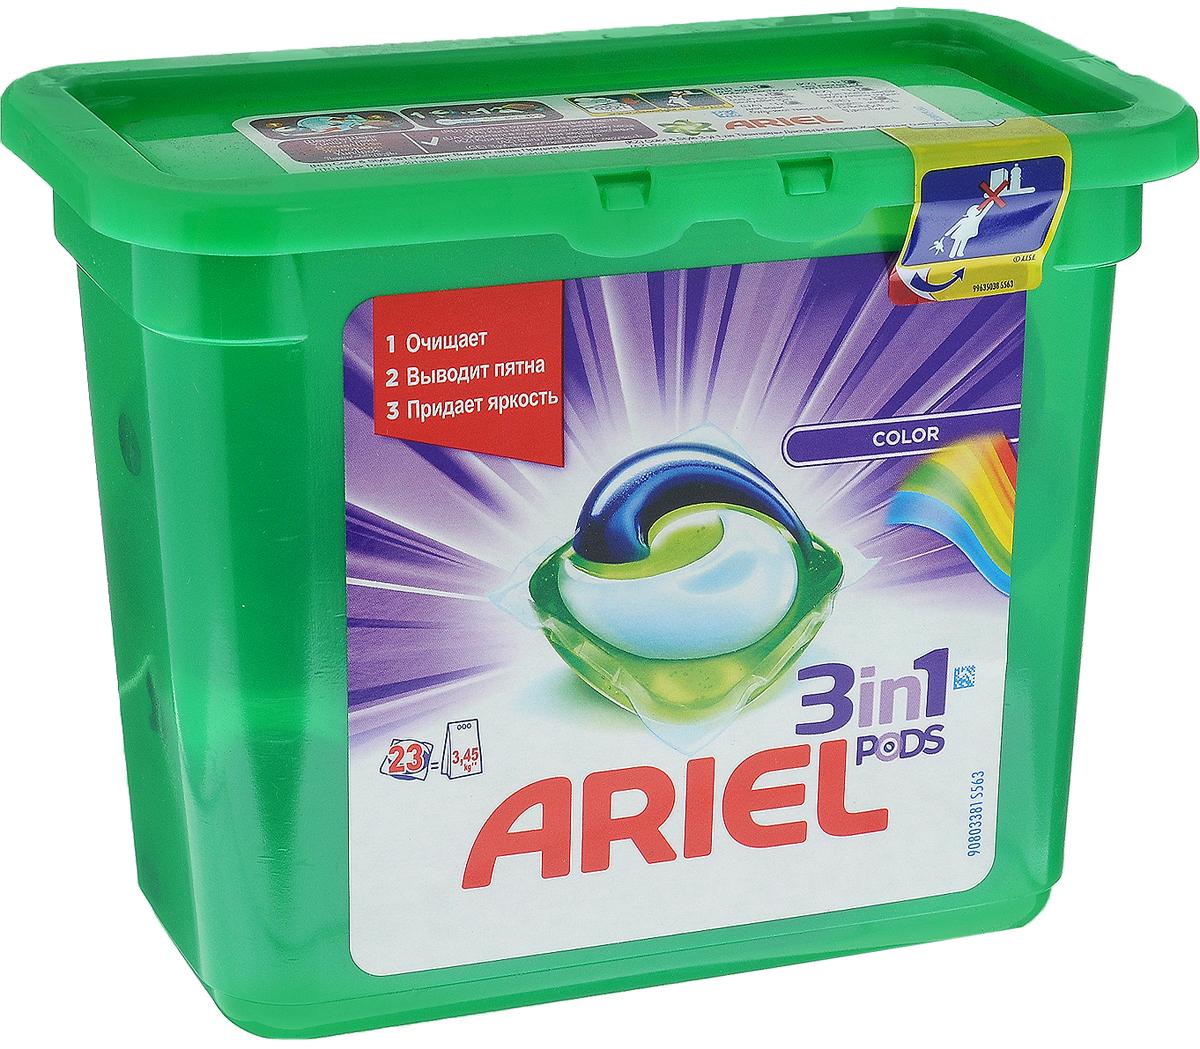 Капсулы для стирки Ariel 3 в 1. Color & Style, для цветного белья, 23 штAG-81551501Капсулы Ariel 3 в 1. Color & Style - это инновация! Первое средство для стирки с тремя раздельными компонентами, которые работают вместе. Они очищают, выводят пятна и придают тканям яркость. Компоненты находятся в отдельных секциях капсулы, что предотвращает их смешивание до начала стирки. • Первое средство для стирки из 3 компонентов! • Инновационная защитная быстрорастворимая пленка сохраняет компоненты отдельно друг от друга, что предотвращает их смешивание до начала стирки. • Непревзойденная эффективность: Ariel Pods 3 в 1. Color & Style - лучшее жидкое средство для стирки. Для наилучшего результата используйте вместе с кондиционером для белья Lenor. Товар сертифицирован.